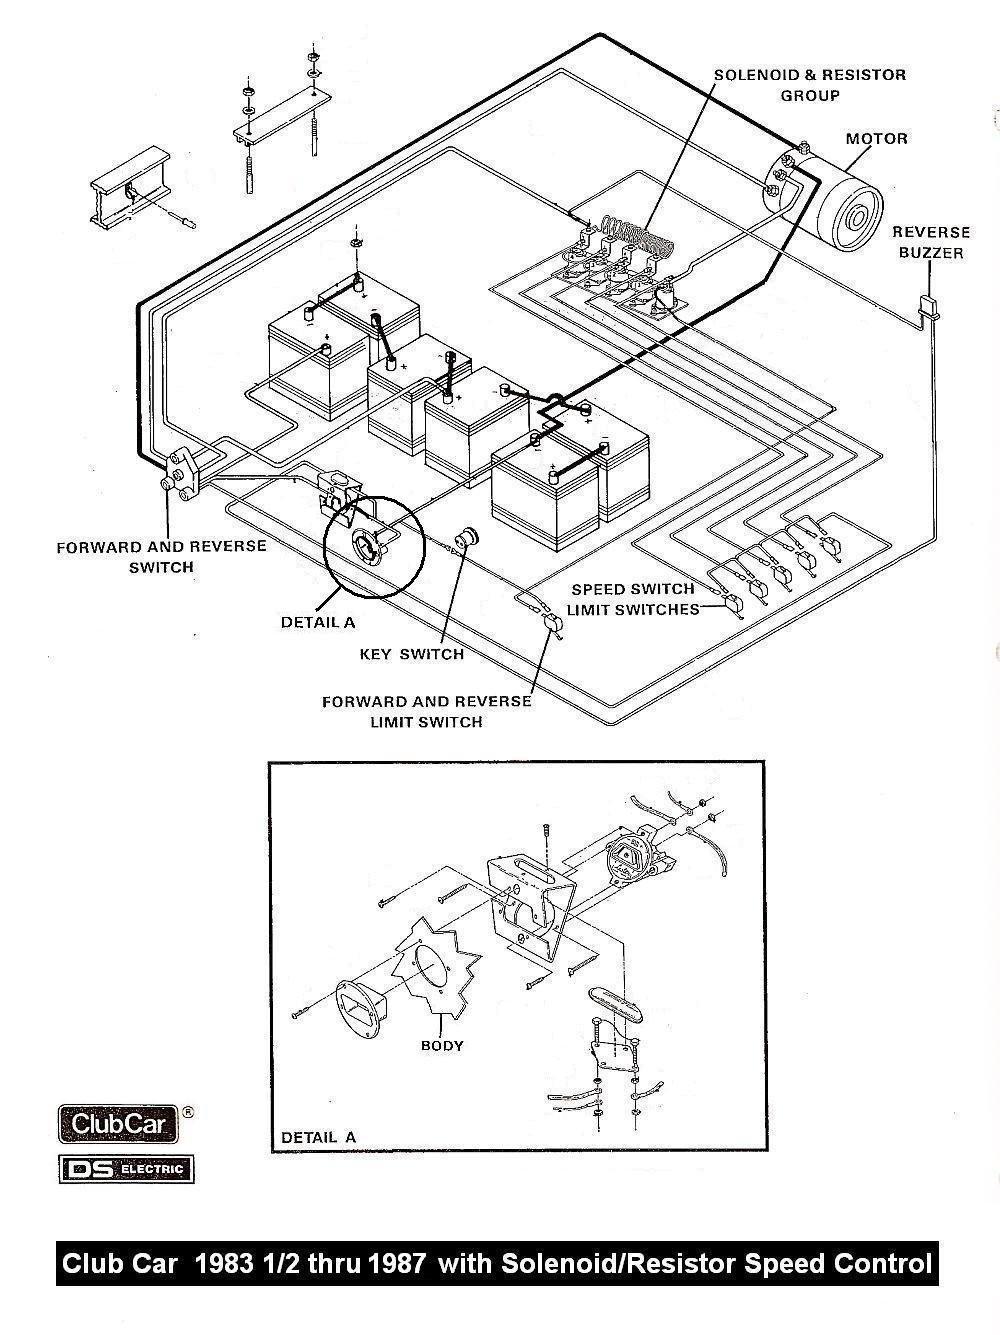 86 club car forward reverse wiring diagram